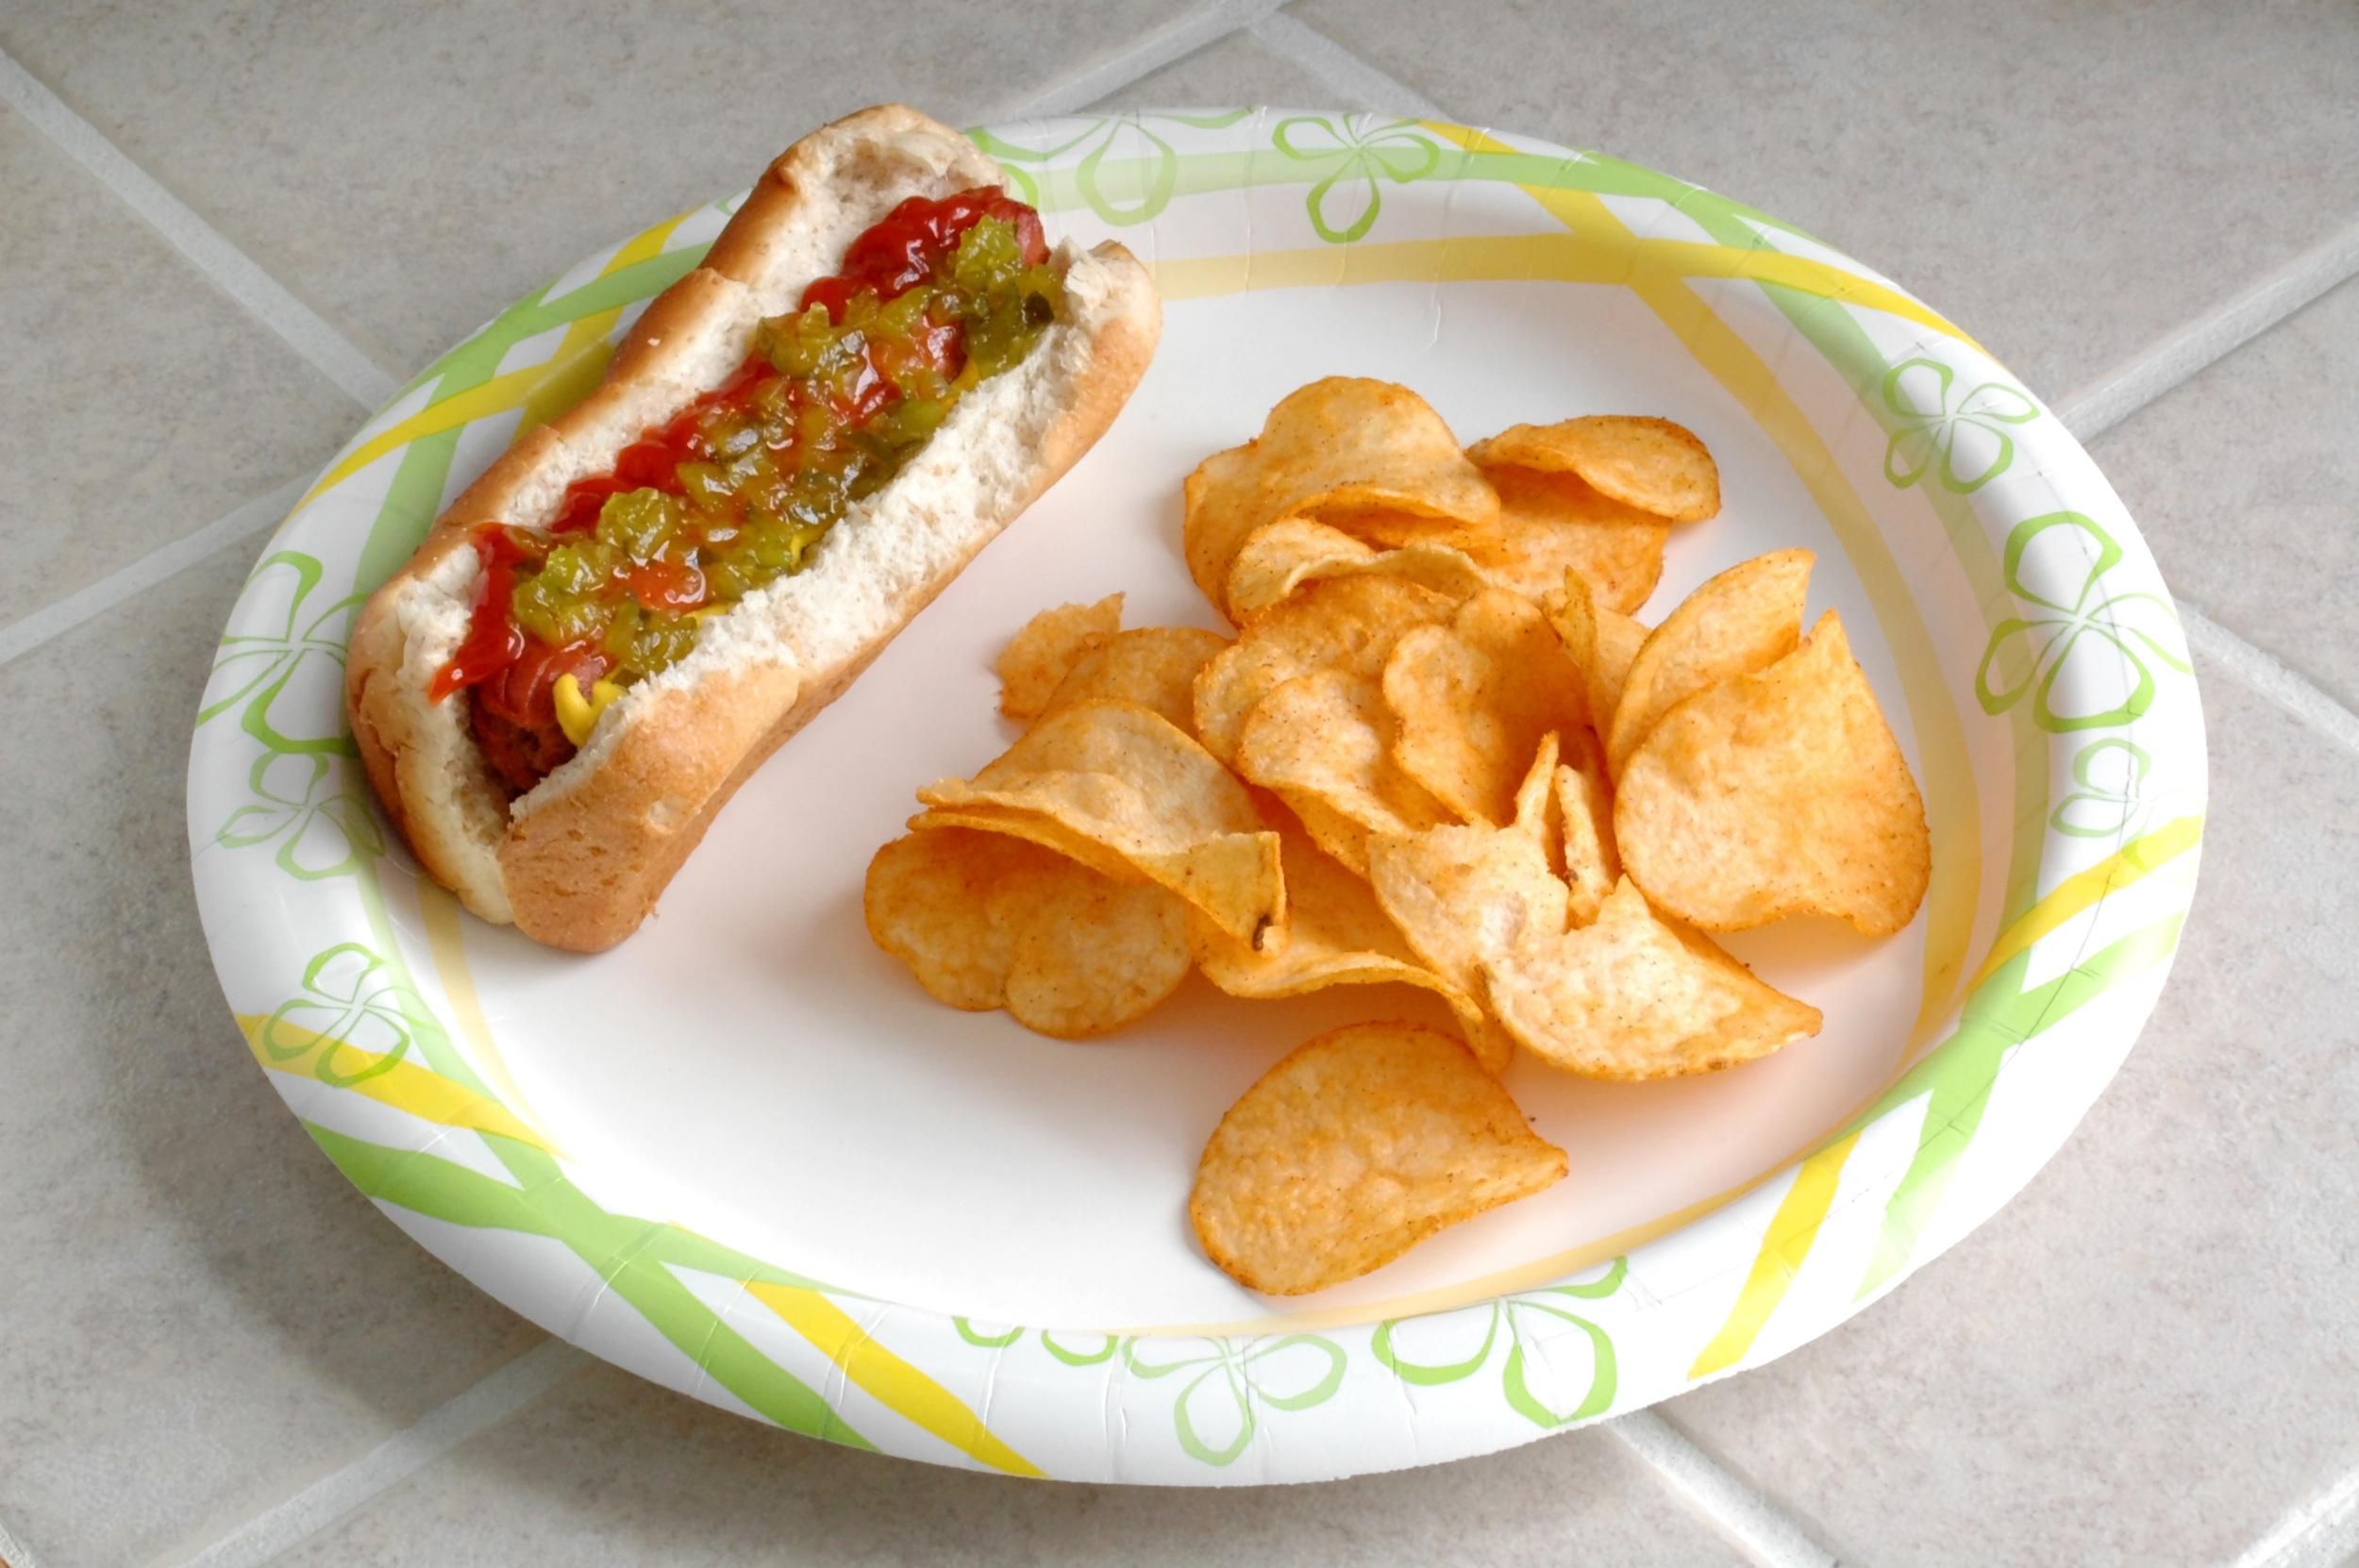 hotdognchips